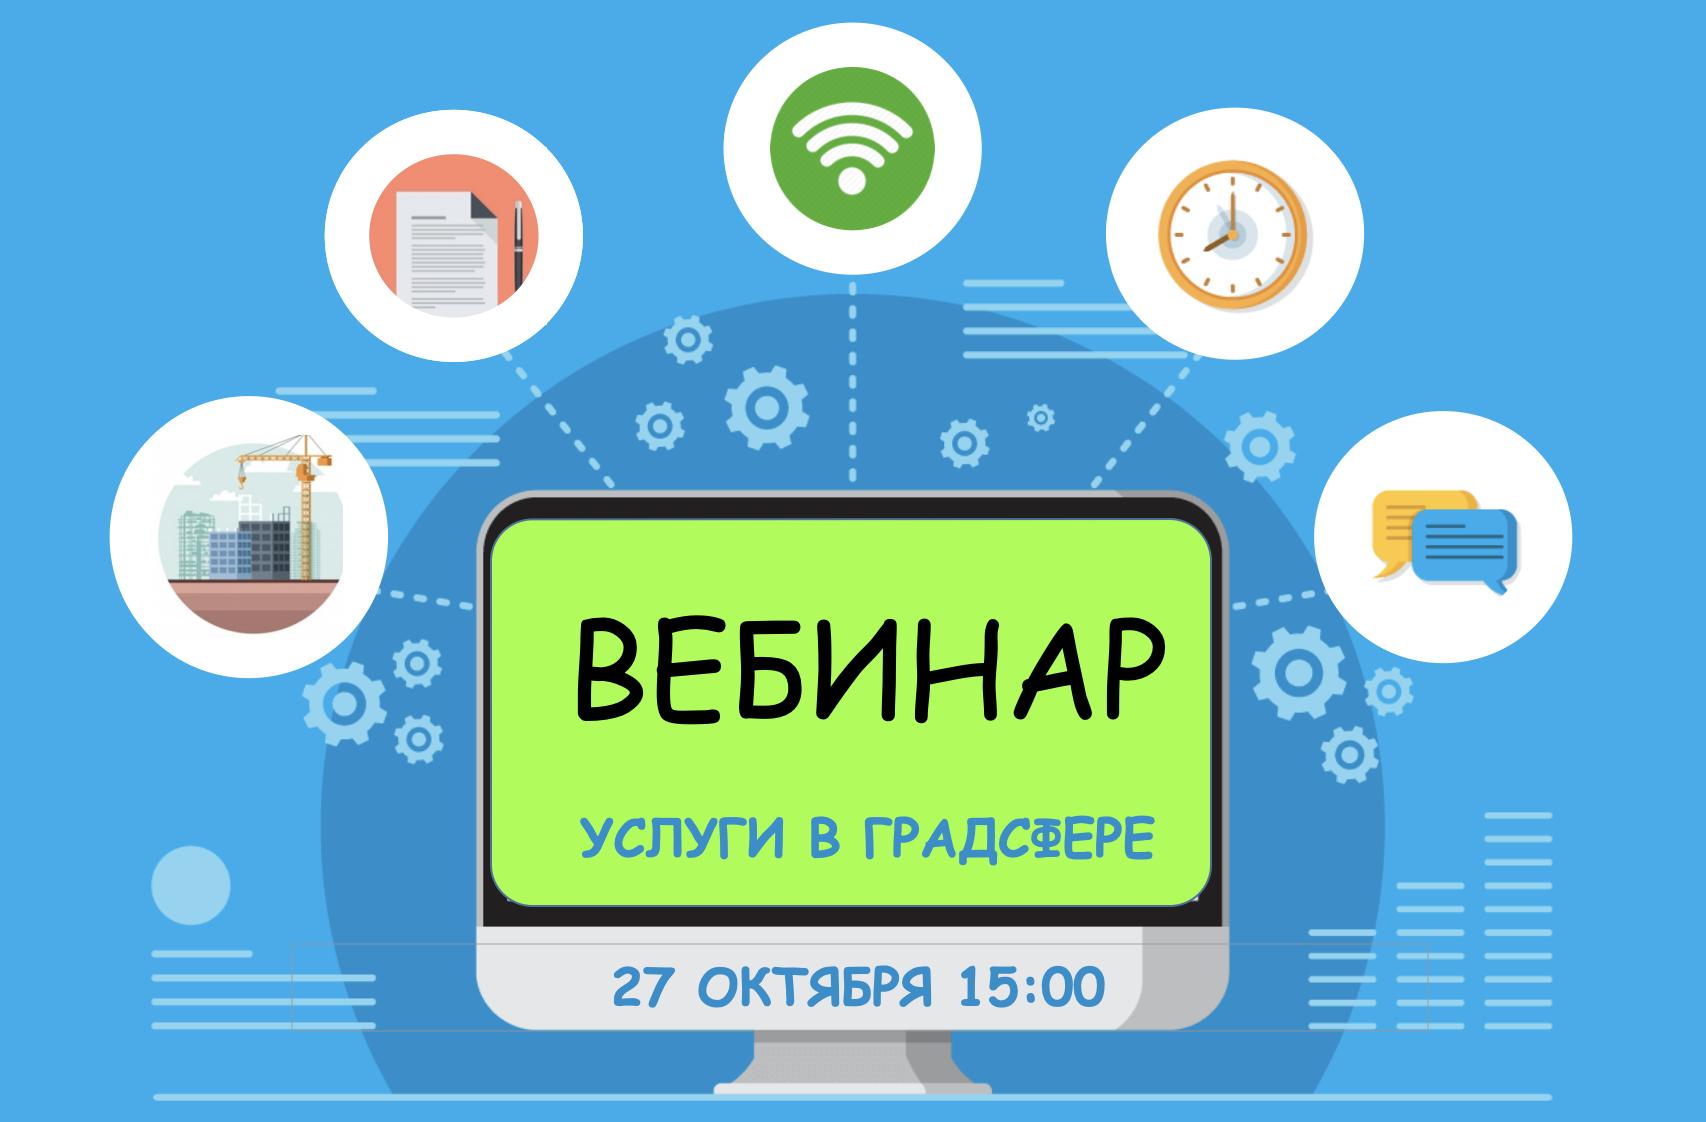 27 октября Мособлархитектура проведет вебинар по вопросам получения государственных и муниципальных услуг